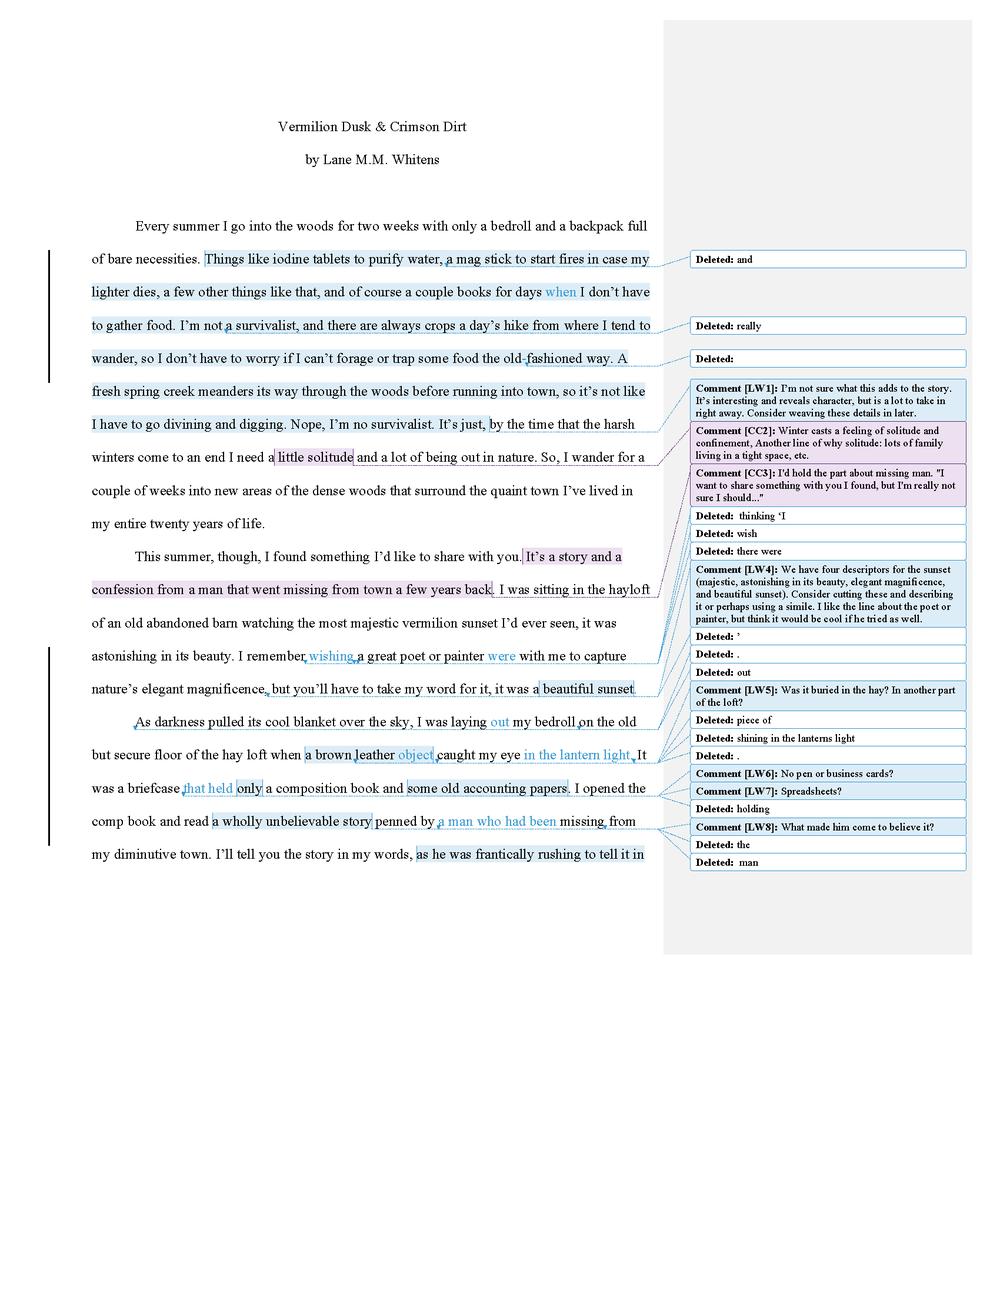 C-98-Vermillion Dusk-LMMW_Page_1.png